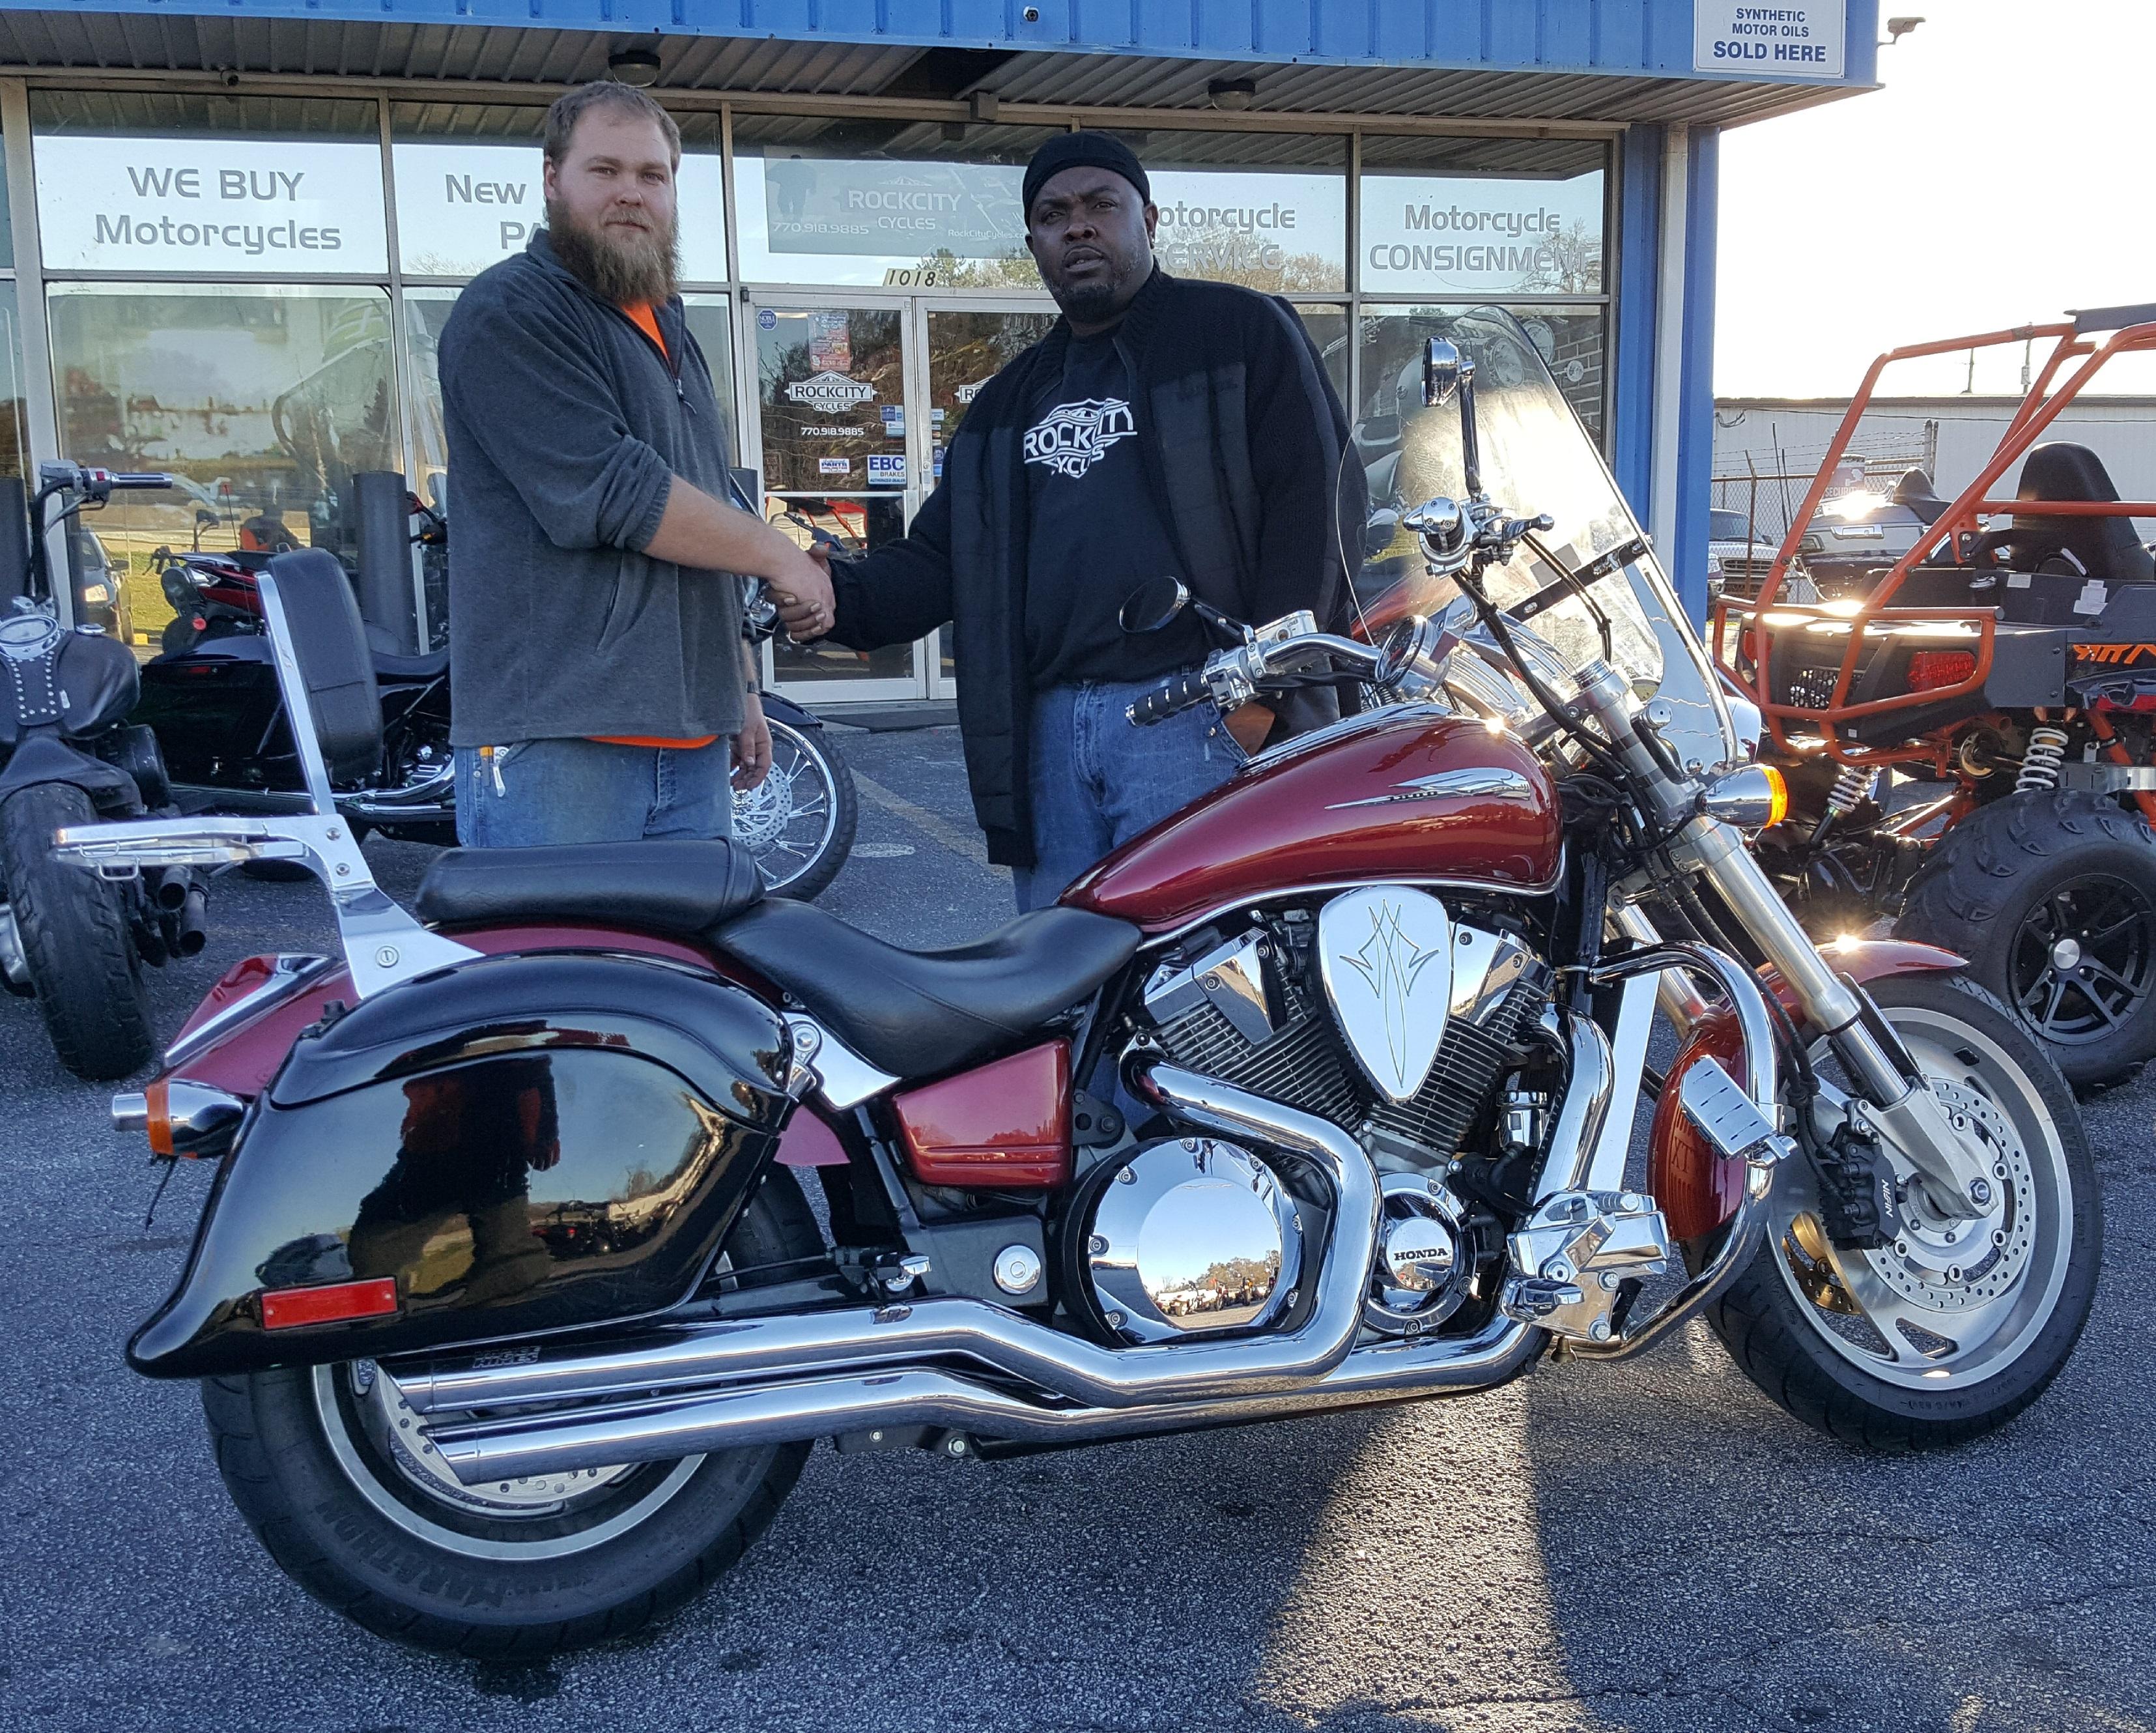 Joshua W. with his 2002 Honda VTX1800